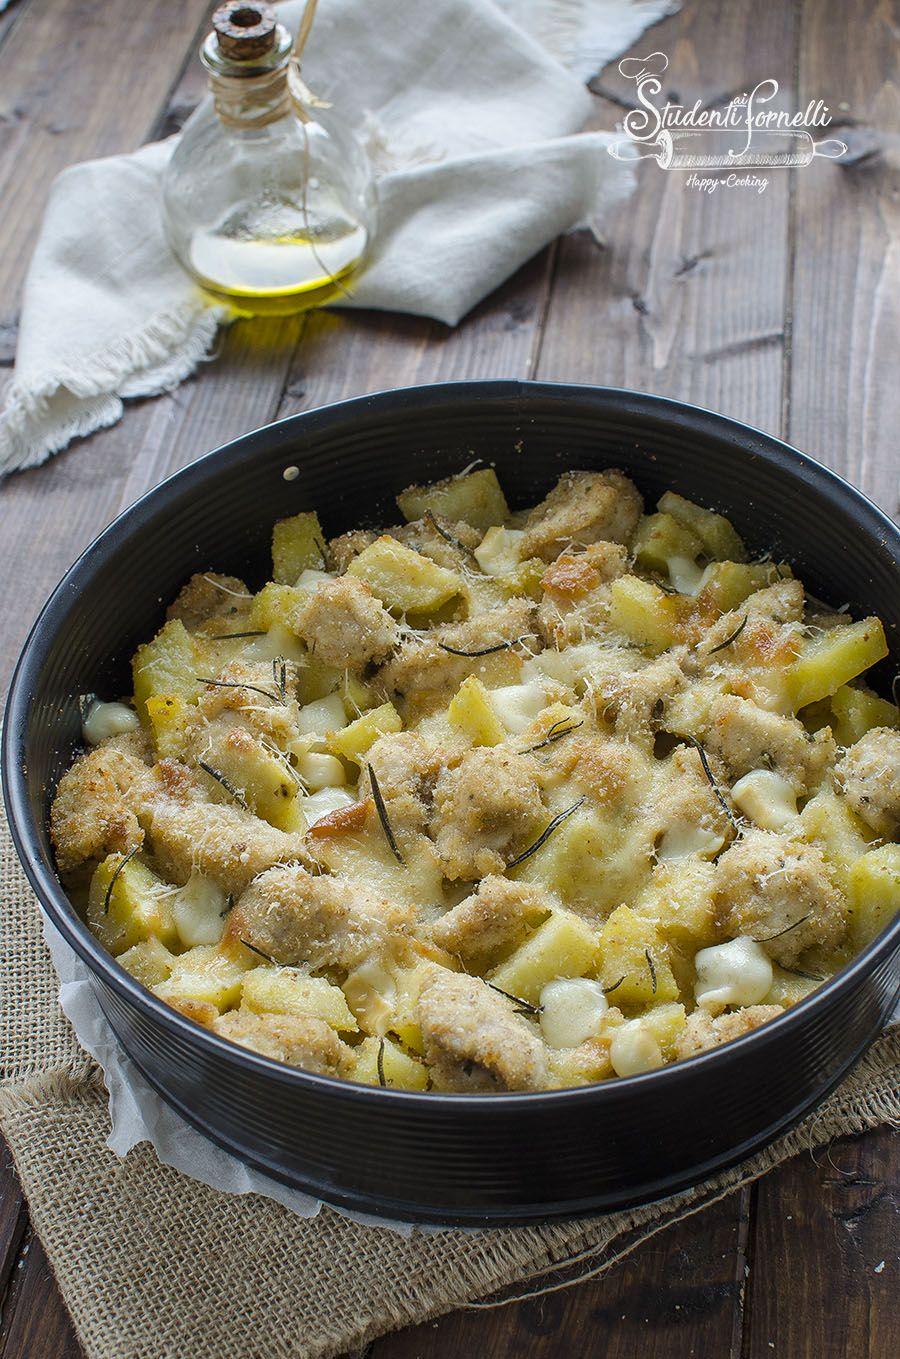 Ricetta Veloce Secondo.Sbriciolata Pollo E Patate Ricetta Geniale E Sfiziosissima Ricette Ricette Con Pollo Pollo E Patate